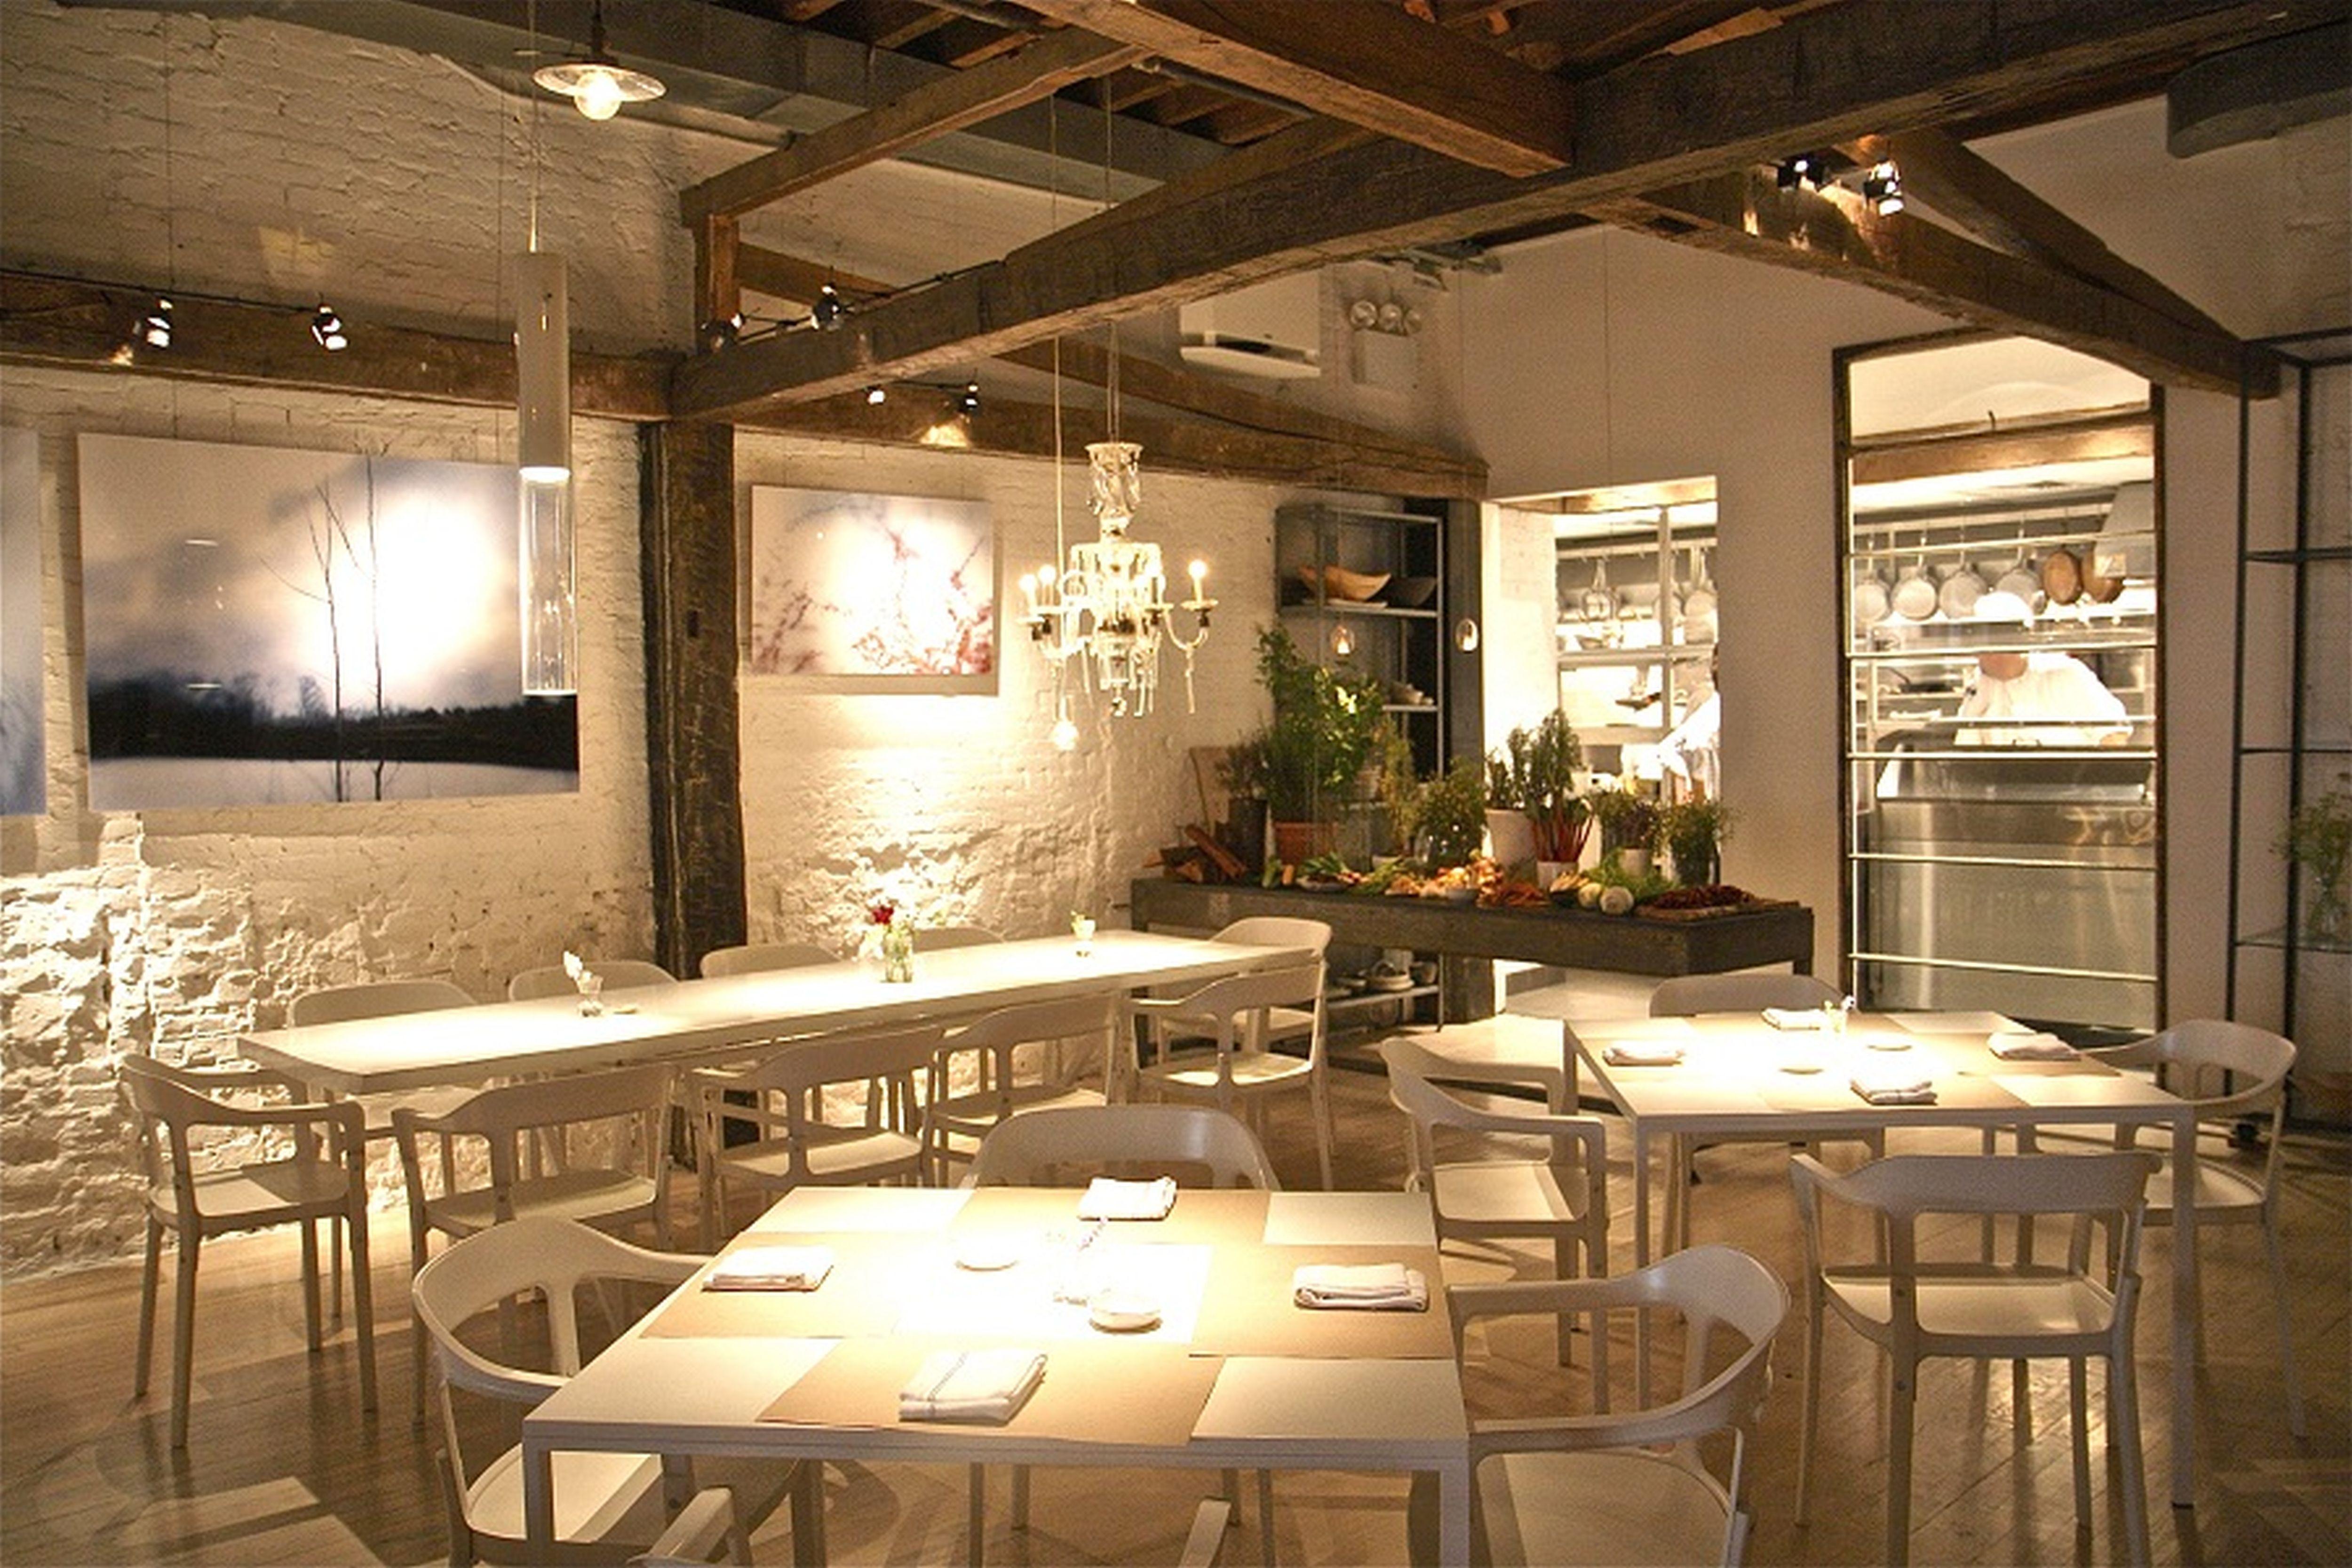 Kitchen Kitchen Design Hot Open Restaurant Kitchen Design Ideas . Part 31